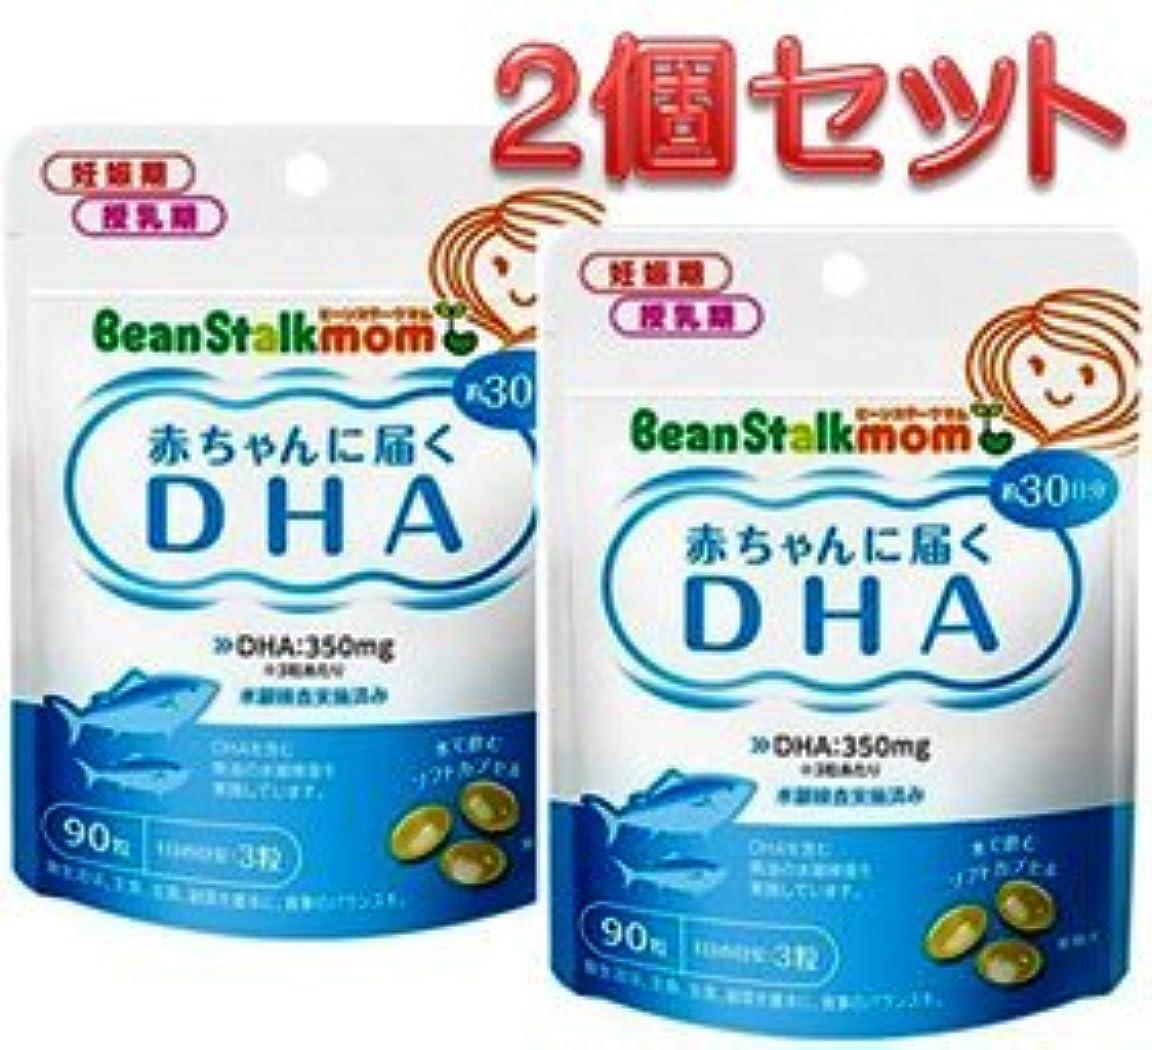 瞑想リットルドリルビーンスターク?スノー ビーンスタークマム 母乳にいいもの赤ちゃんに届くDHA90粒(30日分) ×2個セット2か月分